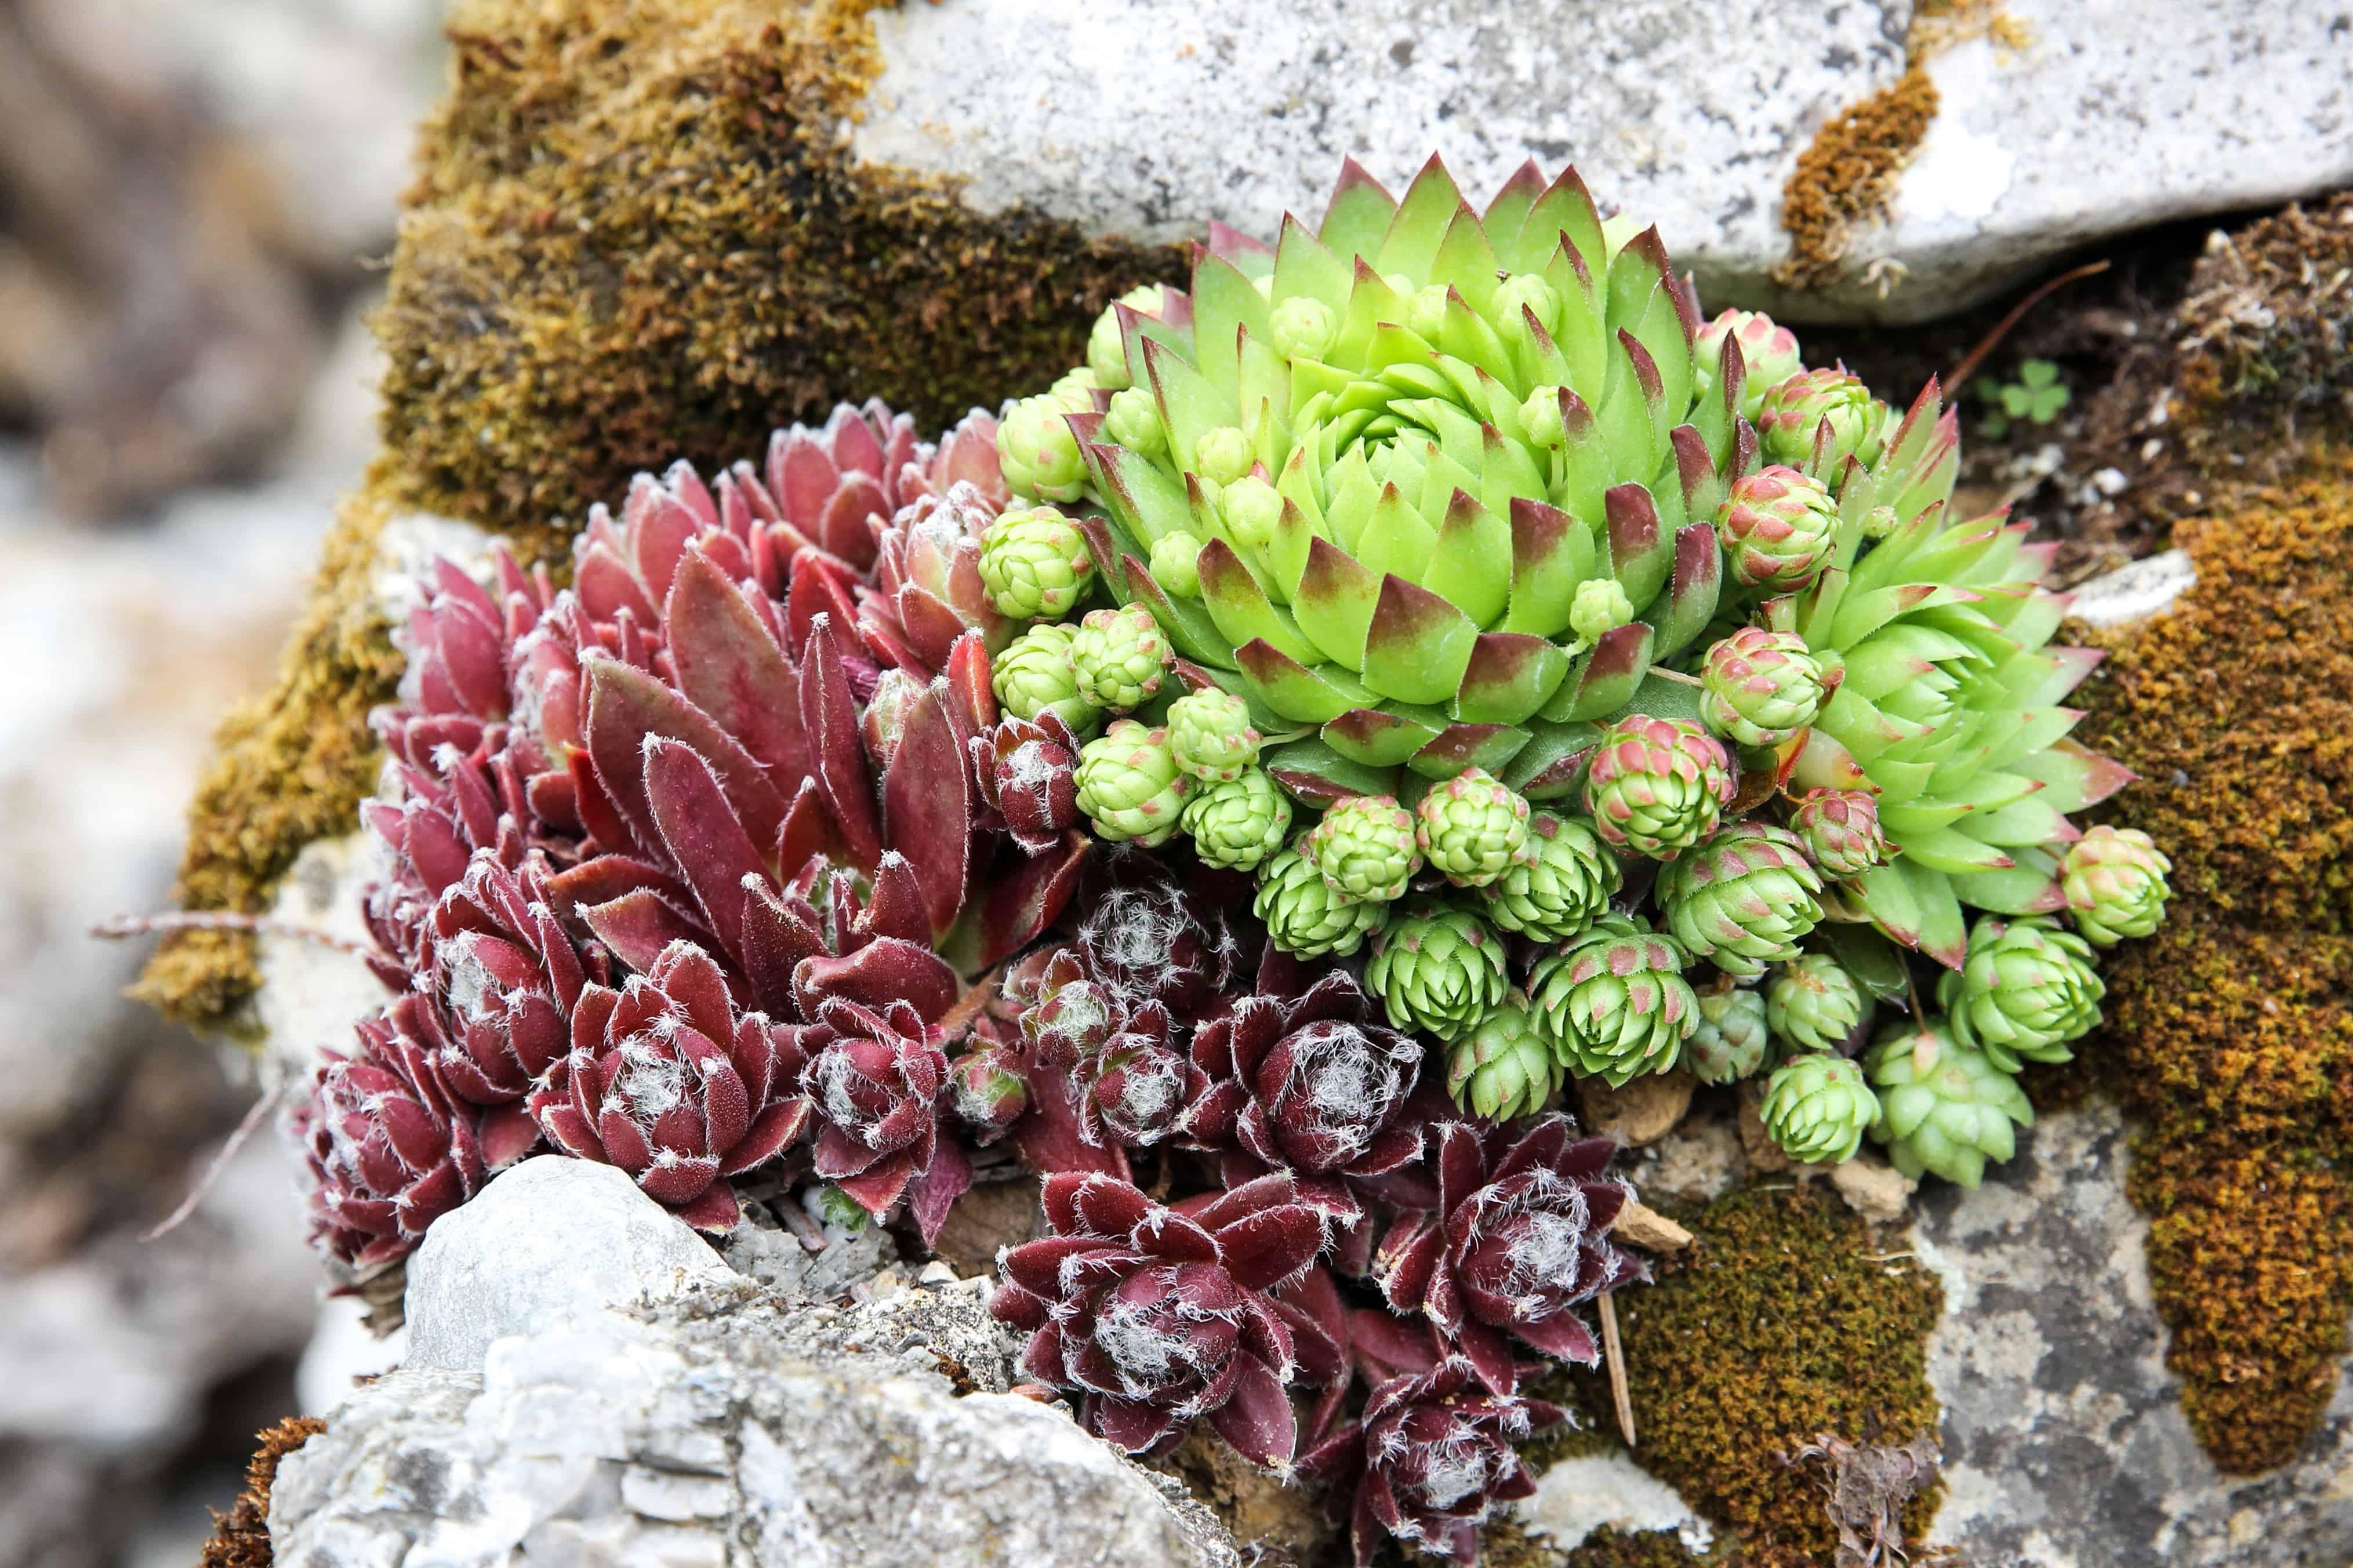 ... Nature, Garden, Wildflower, Flora, Leaf, Plant